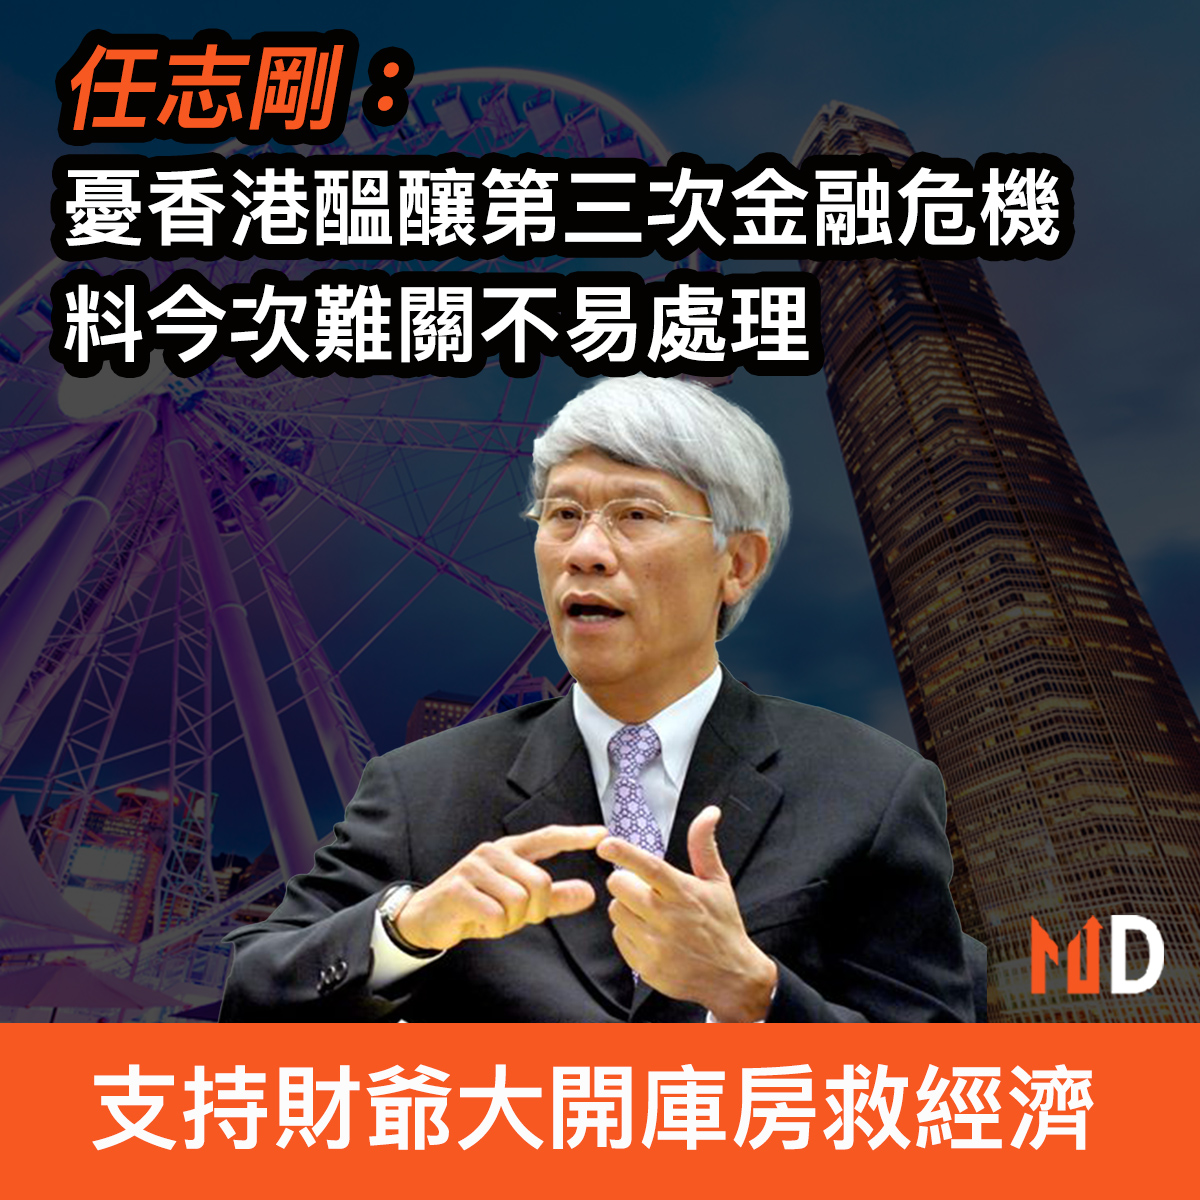 【市場熱話】任志剛:憂香港醞釀第三次金融危機,料今次難關不易處理